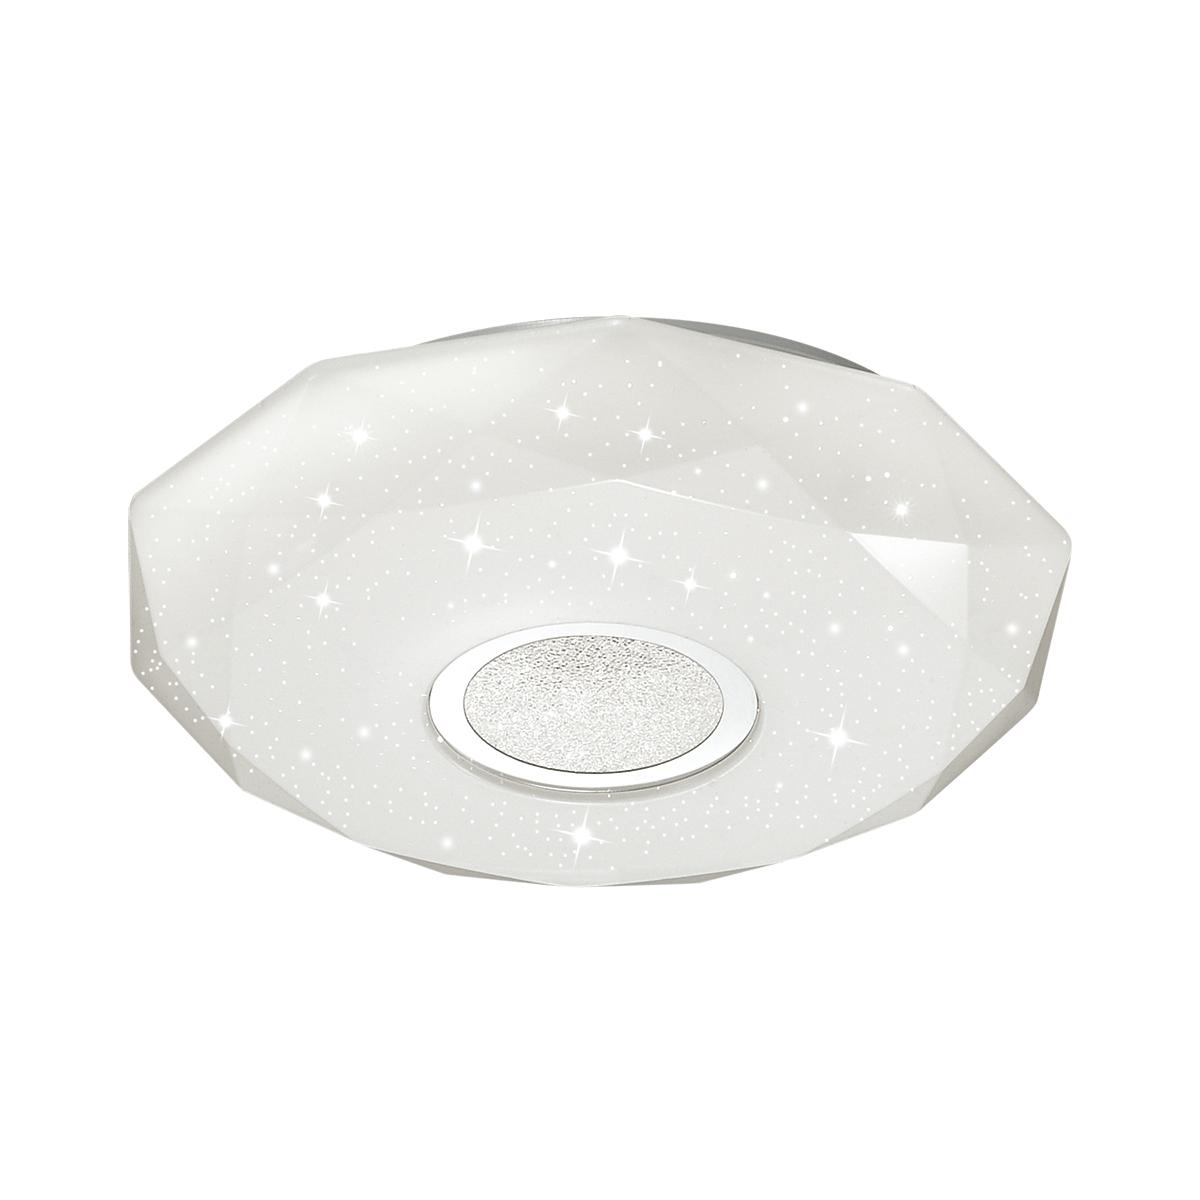 Потолочный светодиодный светильник Sonex Prisa 2057/DL, IP43, LED 48W 2360lm, белый, прозрачный, хром, металл, пластик - фото 1